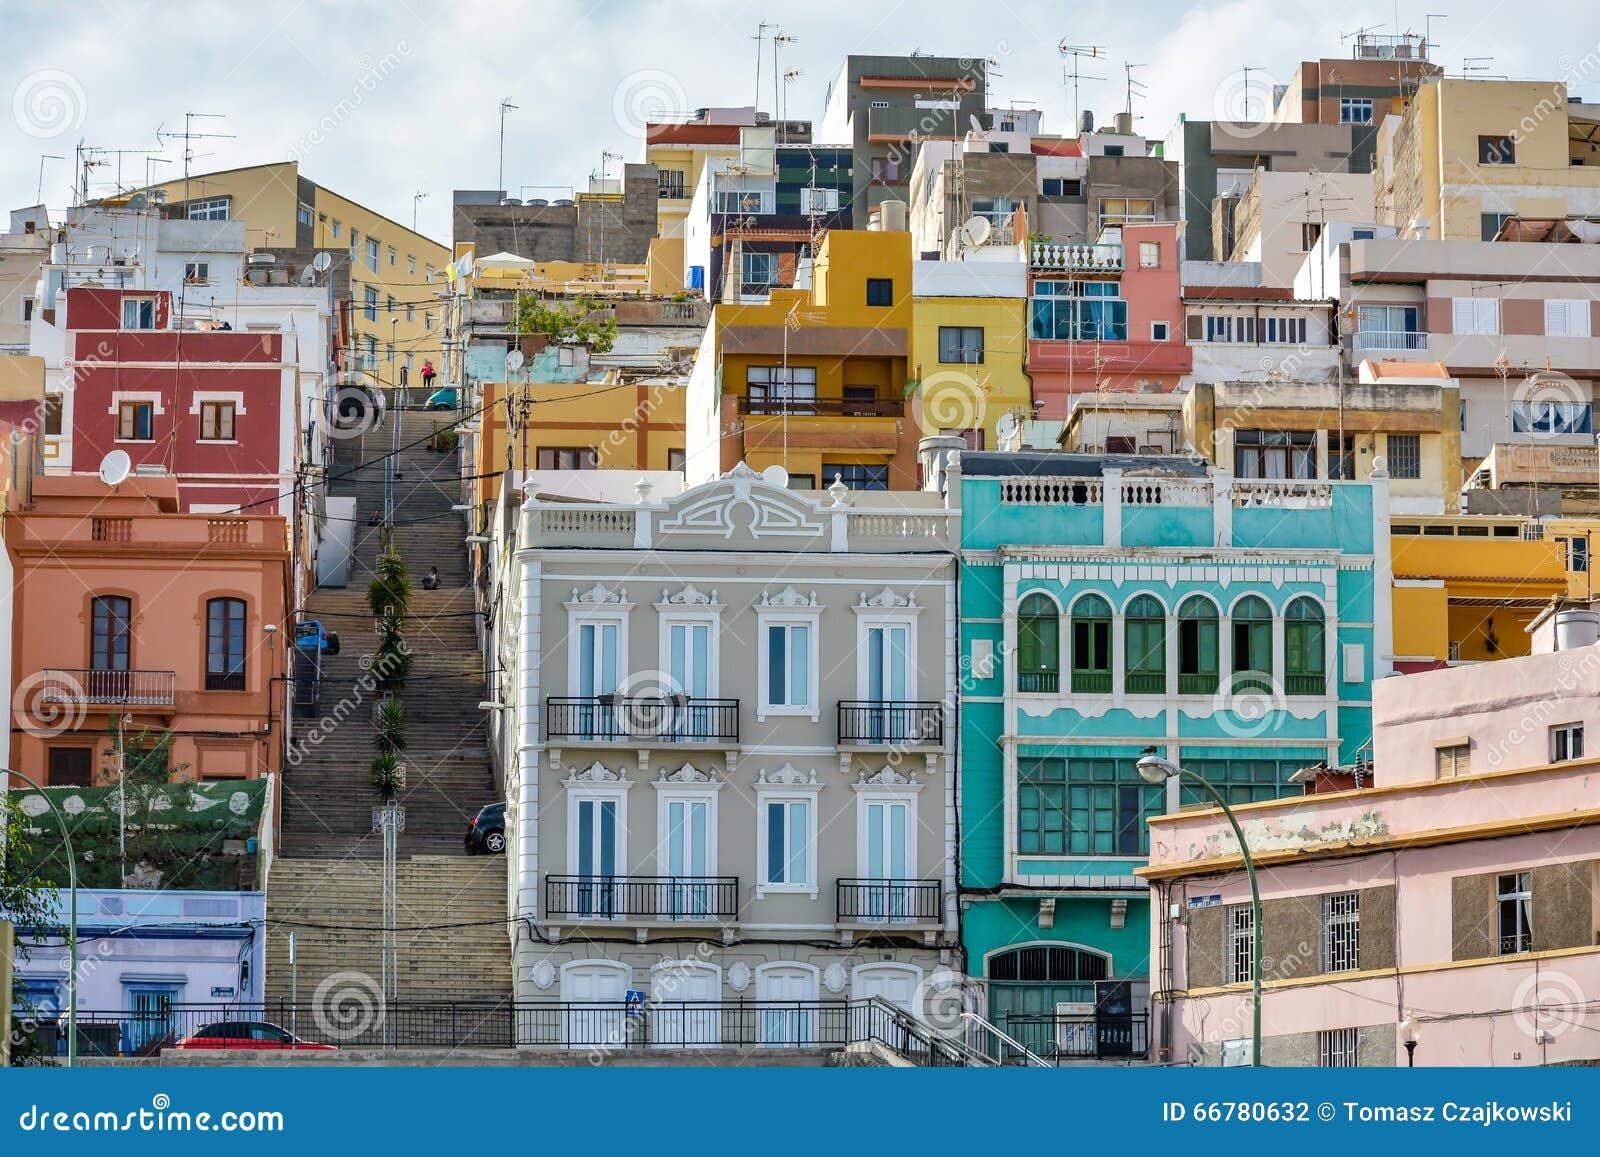 Colourful buildings in las palmas de gran canaria spain - Capital de las palmas ...